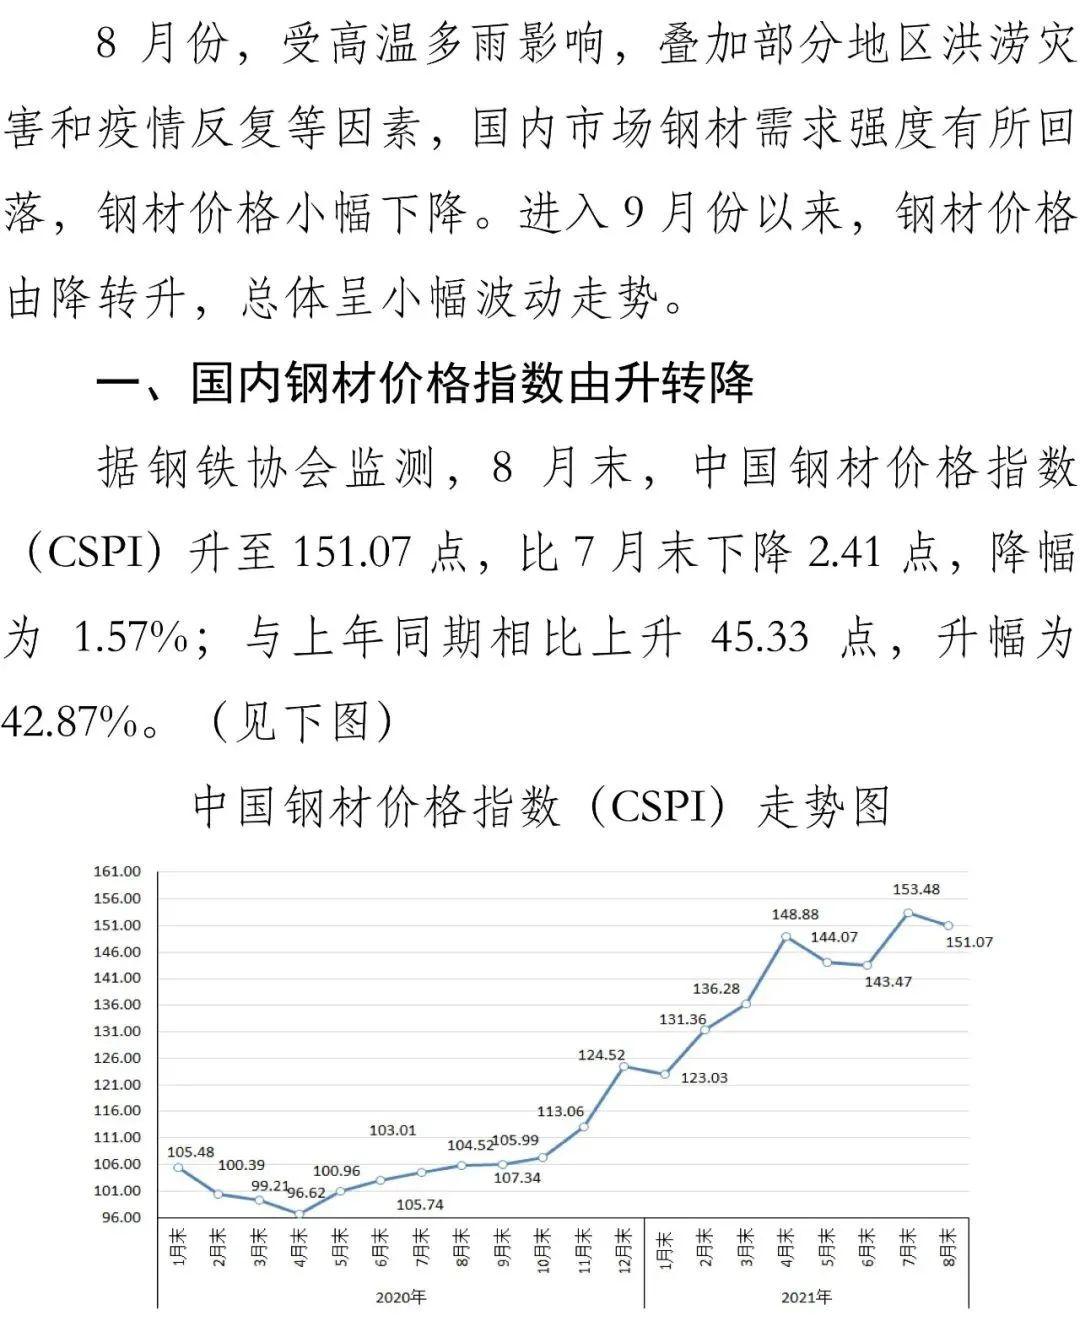 8月份国内市场钢材价格小幅下降